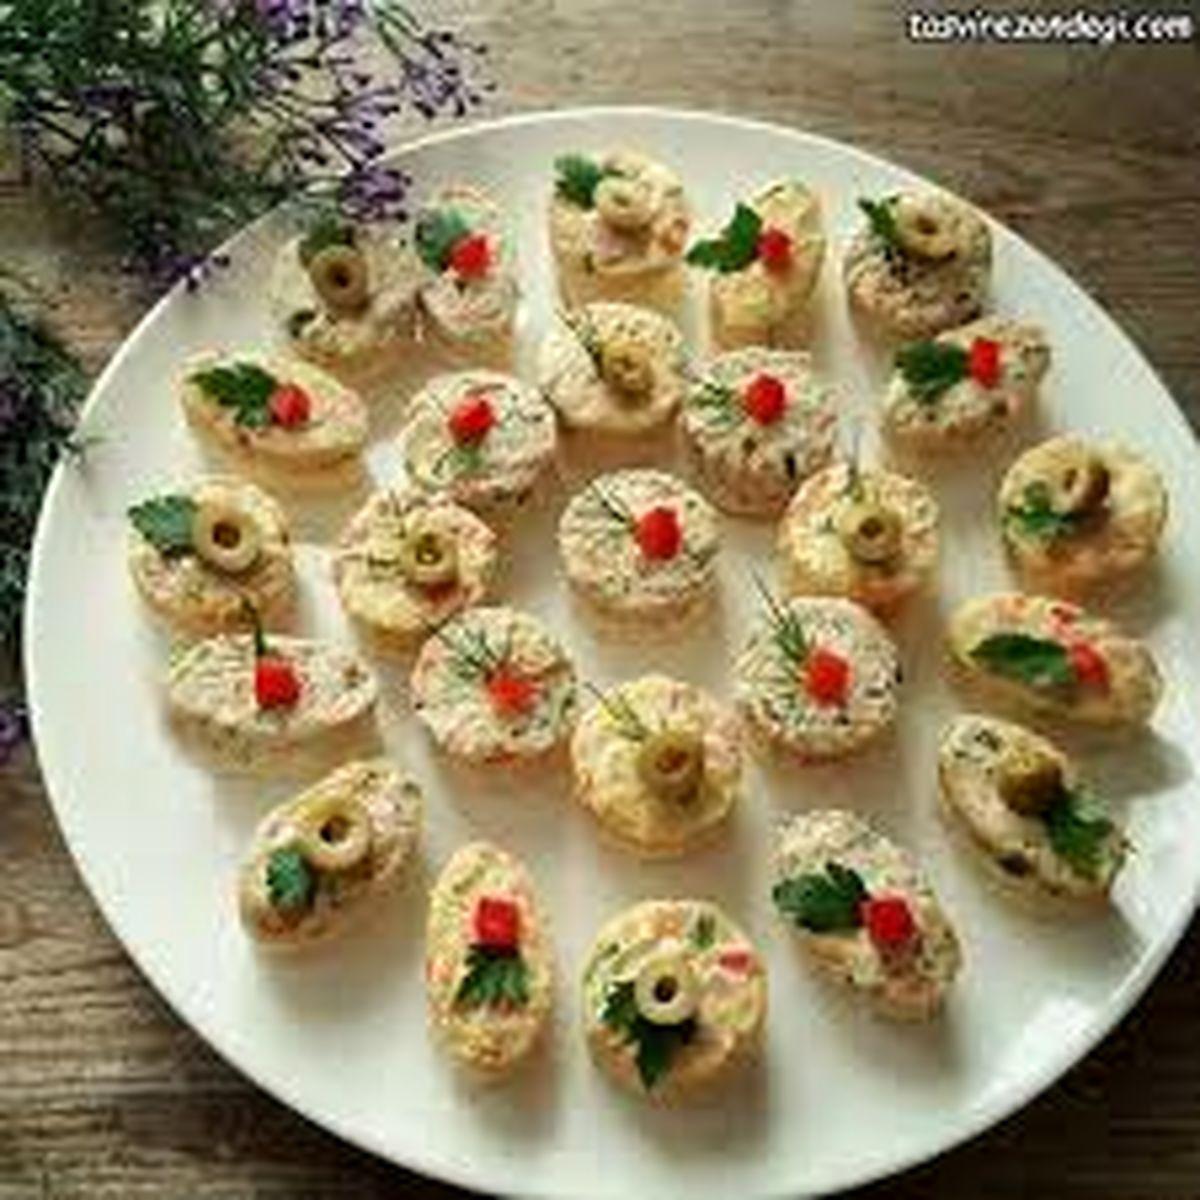 دستور پخت راتای مرغ غذای پرطرفدار و لذیذی ایرانی + آموزش